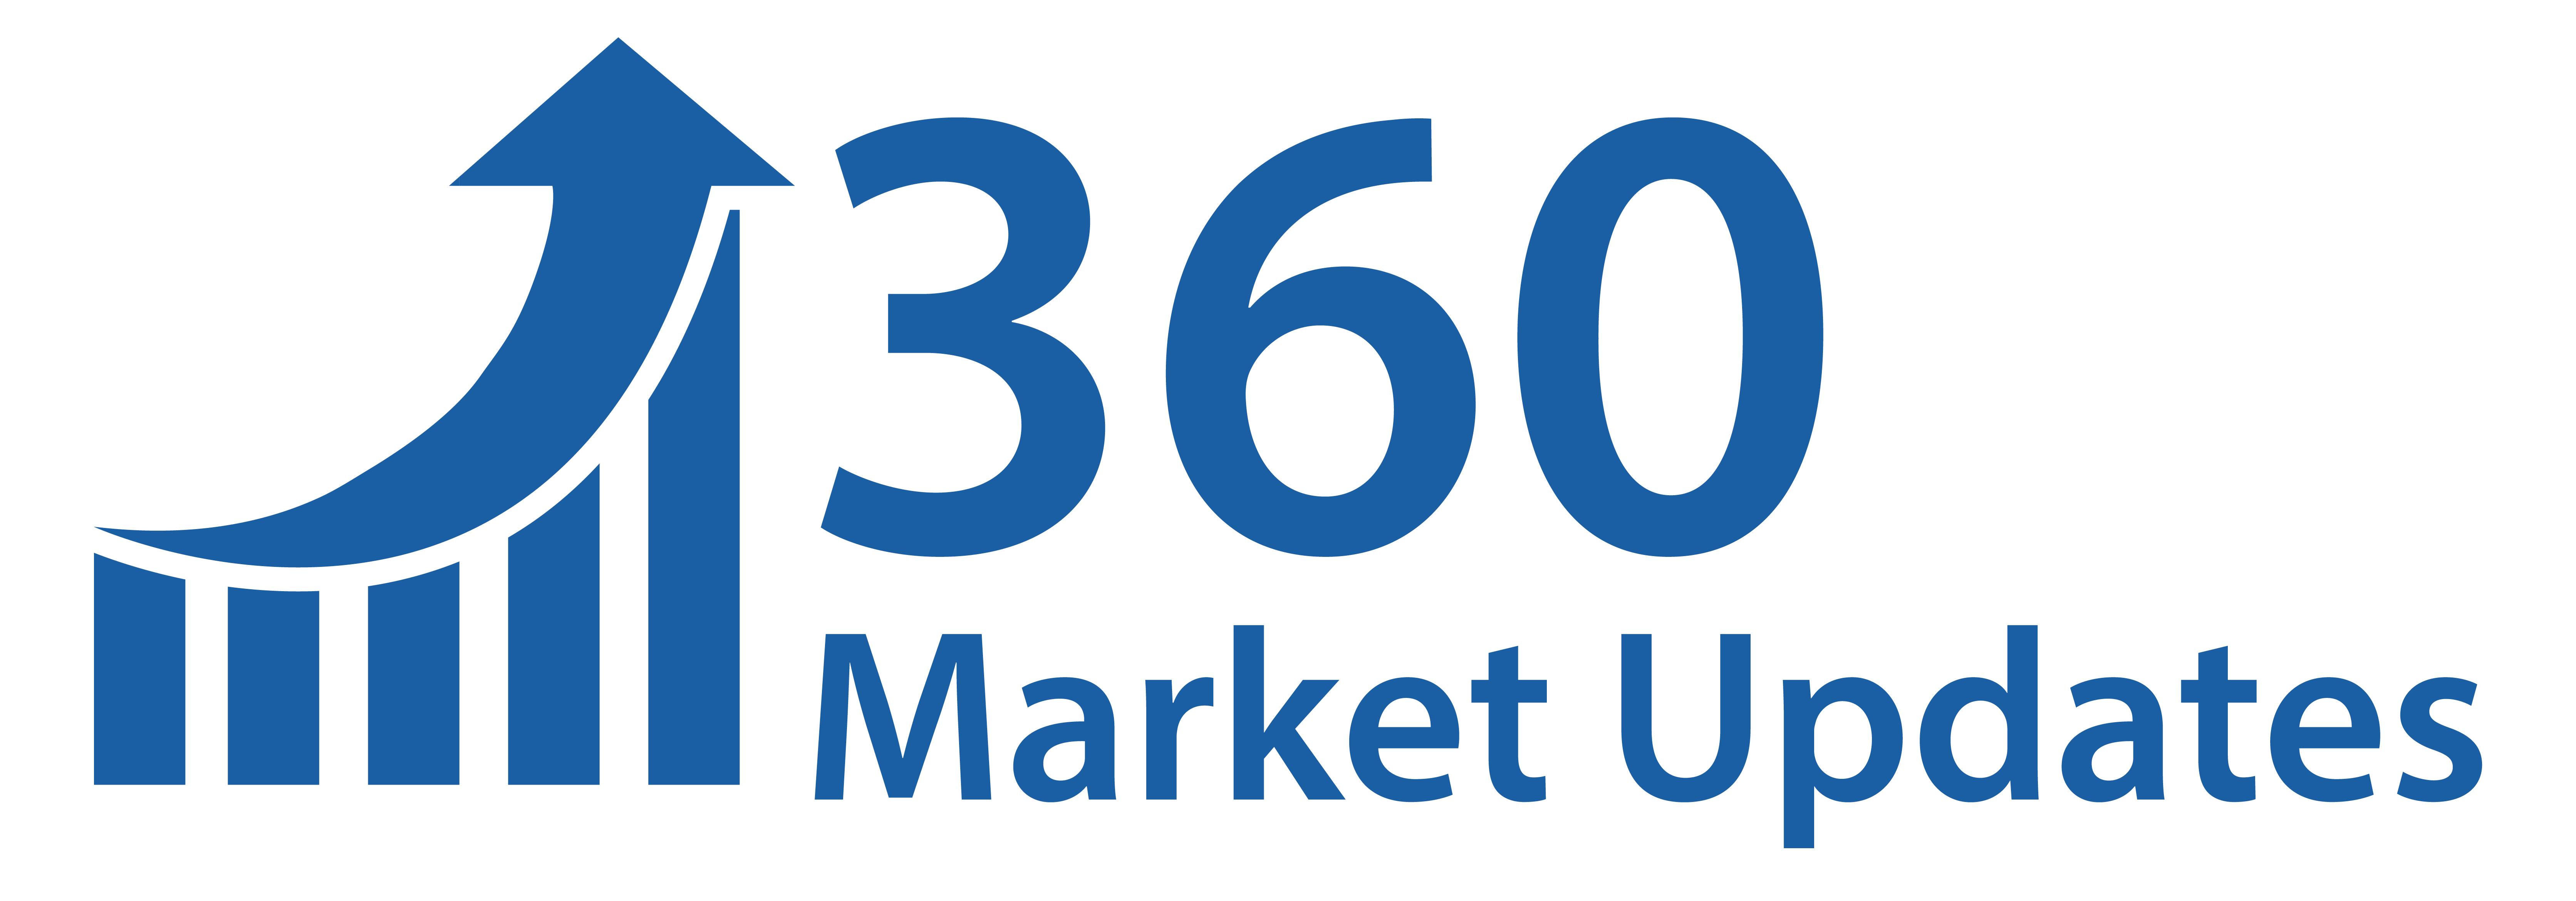 Agrarsprayer Markt 2020 – Industrienachfrage, Aktie, Größe, Zukunftstrends Pläne, Wachstumschancen, Schlüsselakteure, Anwendung, Nachfrage, Branchenforschungsbericht von Regional Forecast to 2025